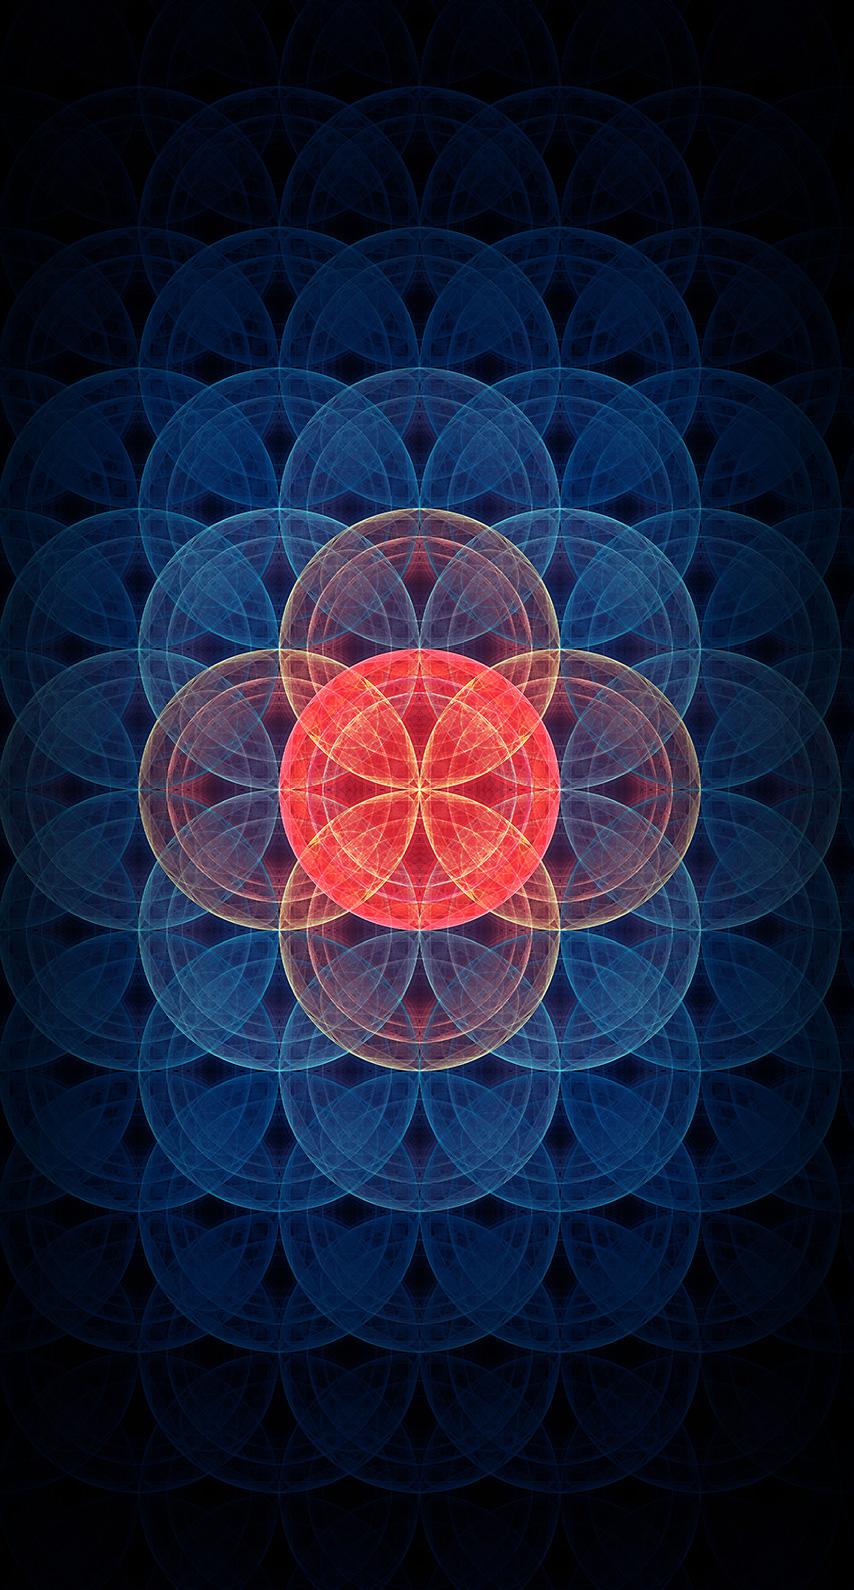 round, circles